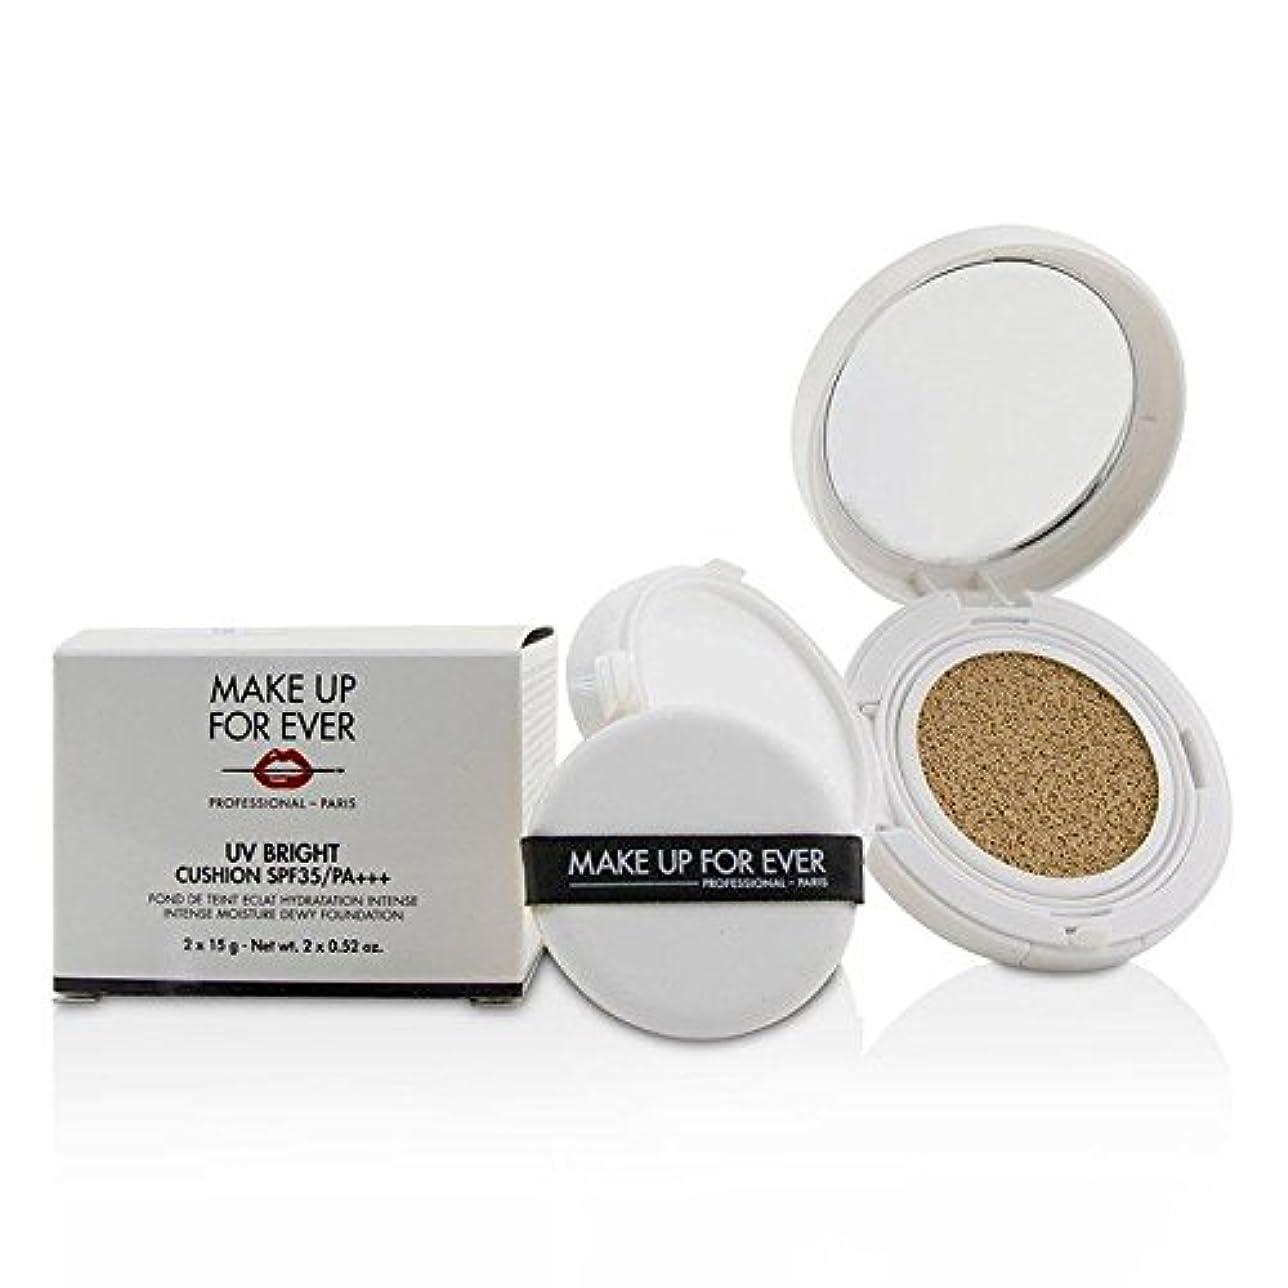 推測する薬顔料メイクアップフォーエバー UV Bright Cushion SPF35/PA+++ - # Y245 Soft Sand 2x15g/0.52oz並行輸入品